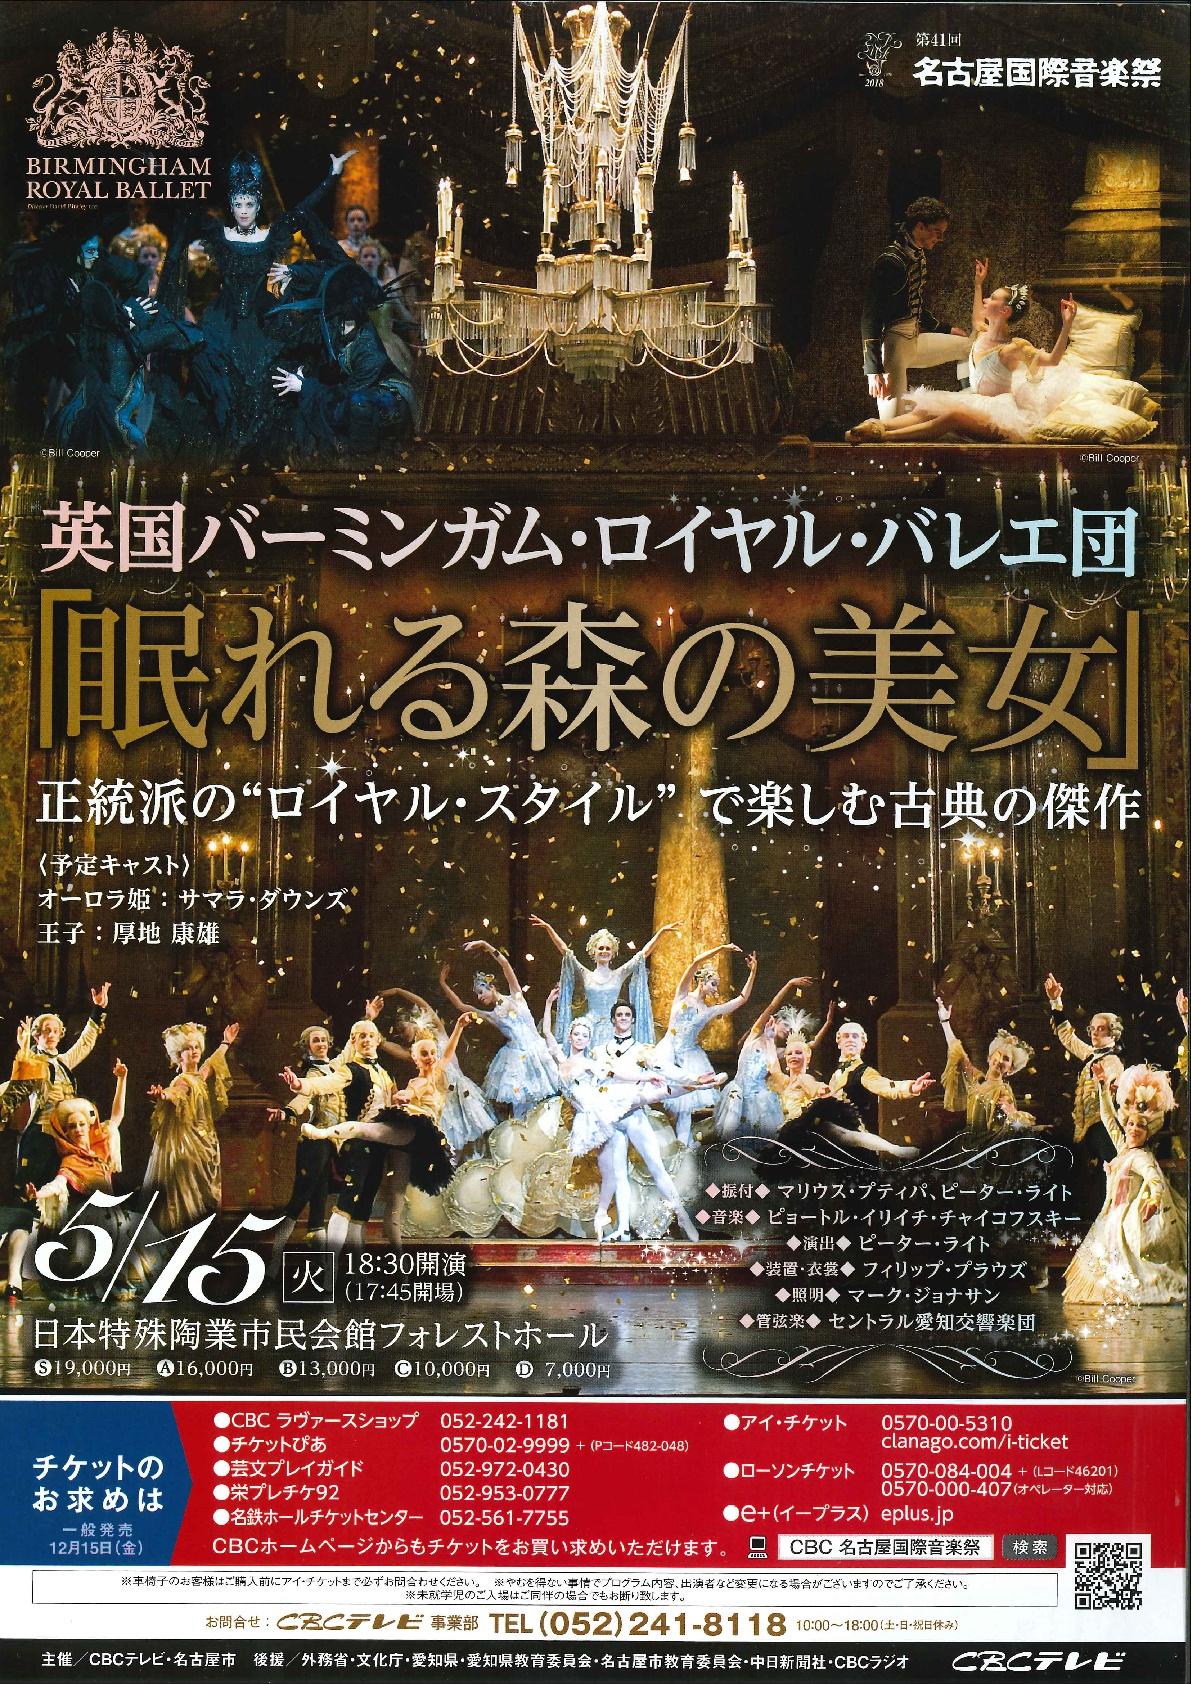 第41回名古屋国際音楽祭 英国バーミンガム・ロイヤル・バレエ団 「眠れる森の美女」